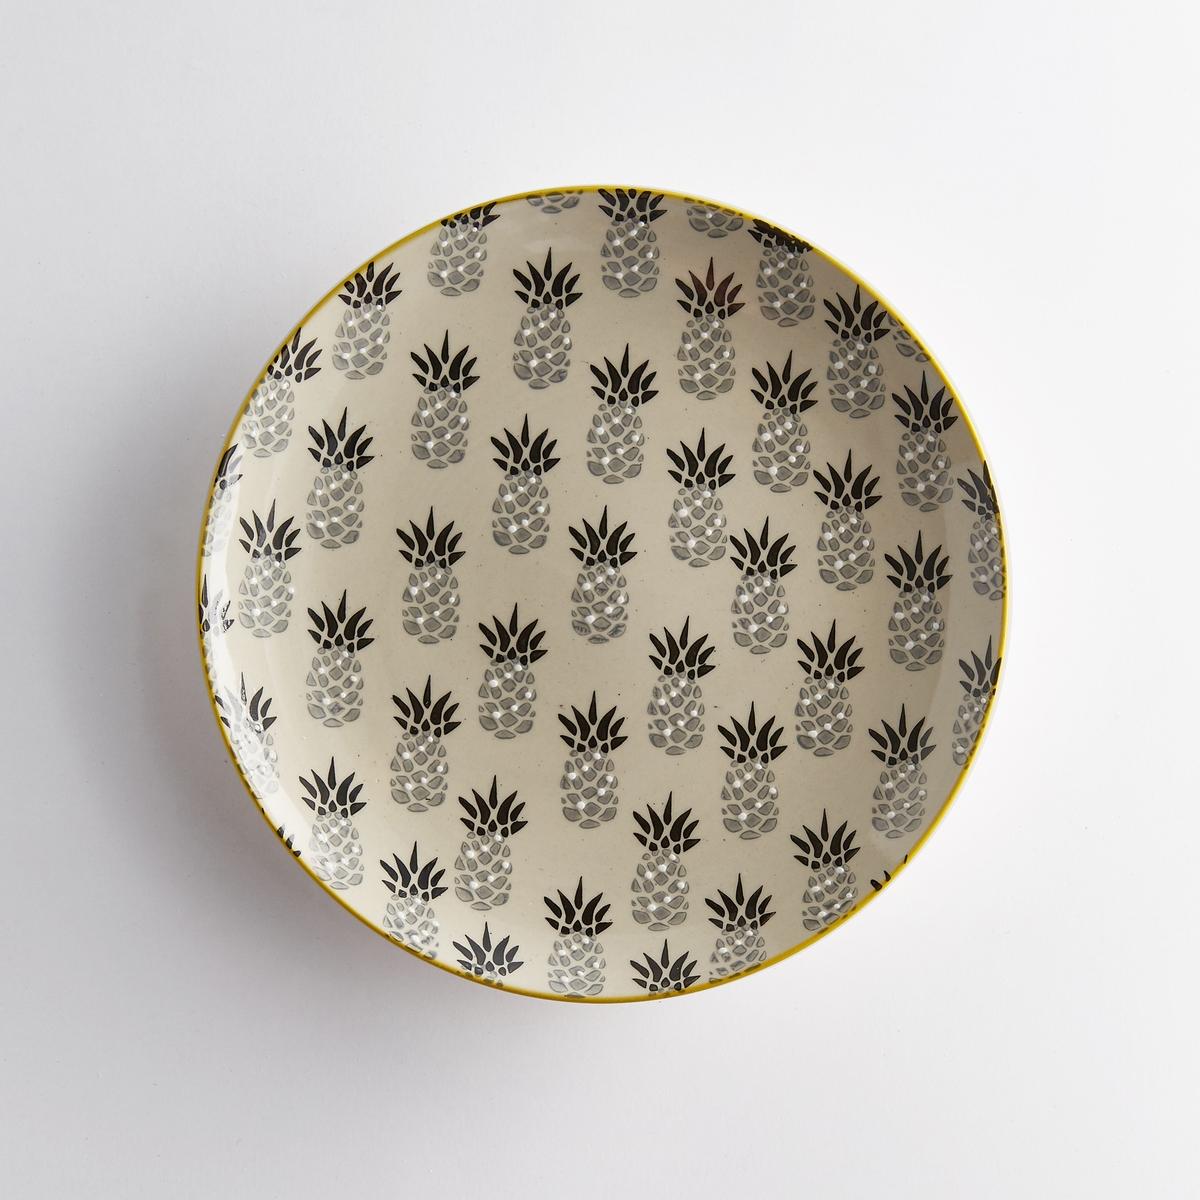 Комплект из 4 десертных тарелок из керамики, TossitaКлассический дизайн, экзотический рисунок : 4 десертные тарелки Tossita придадут вашей посуде и вашей кухне освежающие тропические нотки.Характеристики 4 десертных тарелок из керамики с рисунком ананас Tossita :Из керамики.Комплект из 4 десертных тарелок: 2 тарелки с рисунком ананас черного и серого цветов + 2 тарелки с рисунком зеленого и желтого цветов.Характеристики 4 десертных тарелок из керамики с рисунком ананас Tossita :диаметр 20,5 см.Другие комплекты и наши коллекции предметов декора стола вы можете найти на сайте laredoute.ru<br><br>Цвет: набивной рисунок